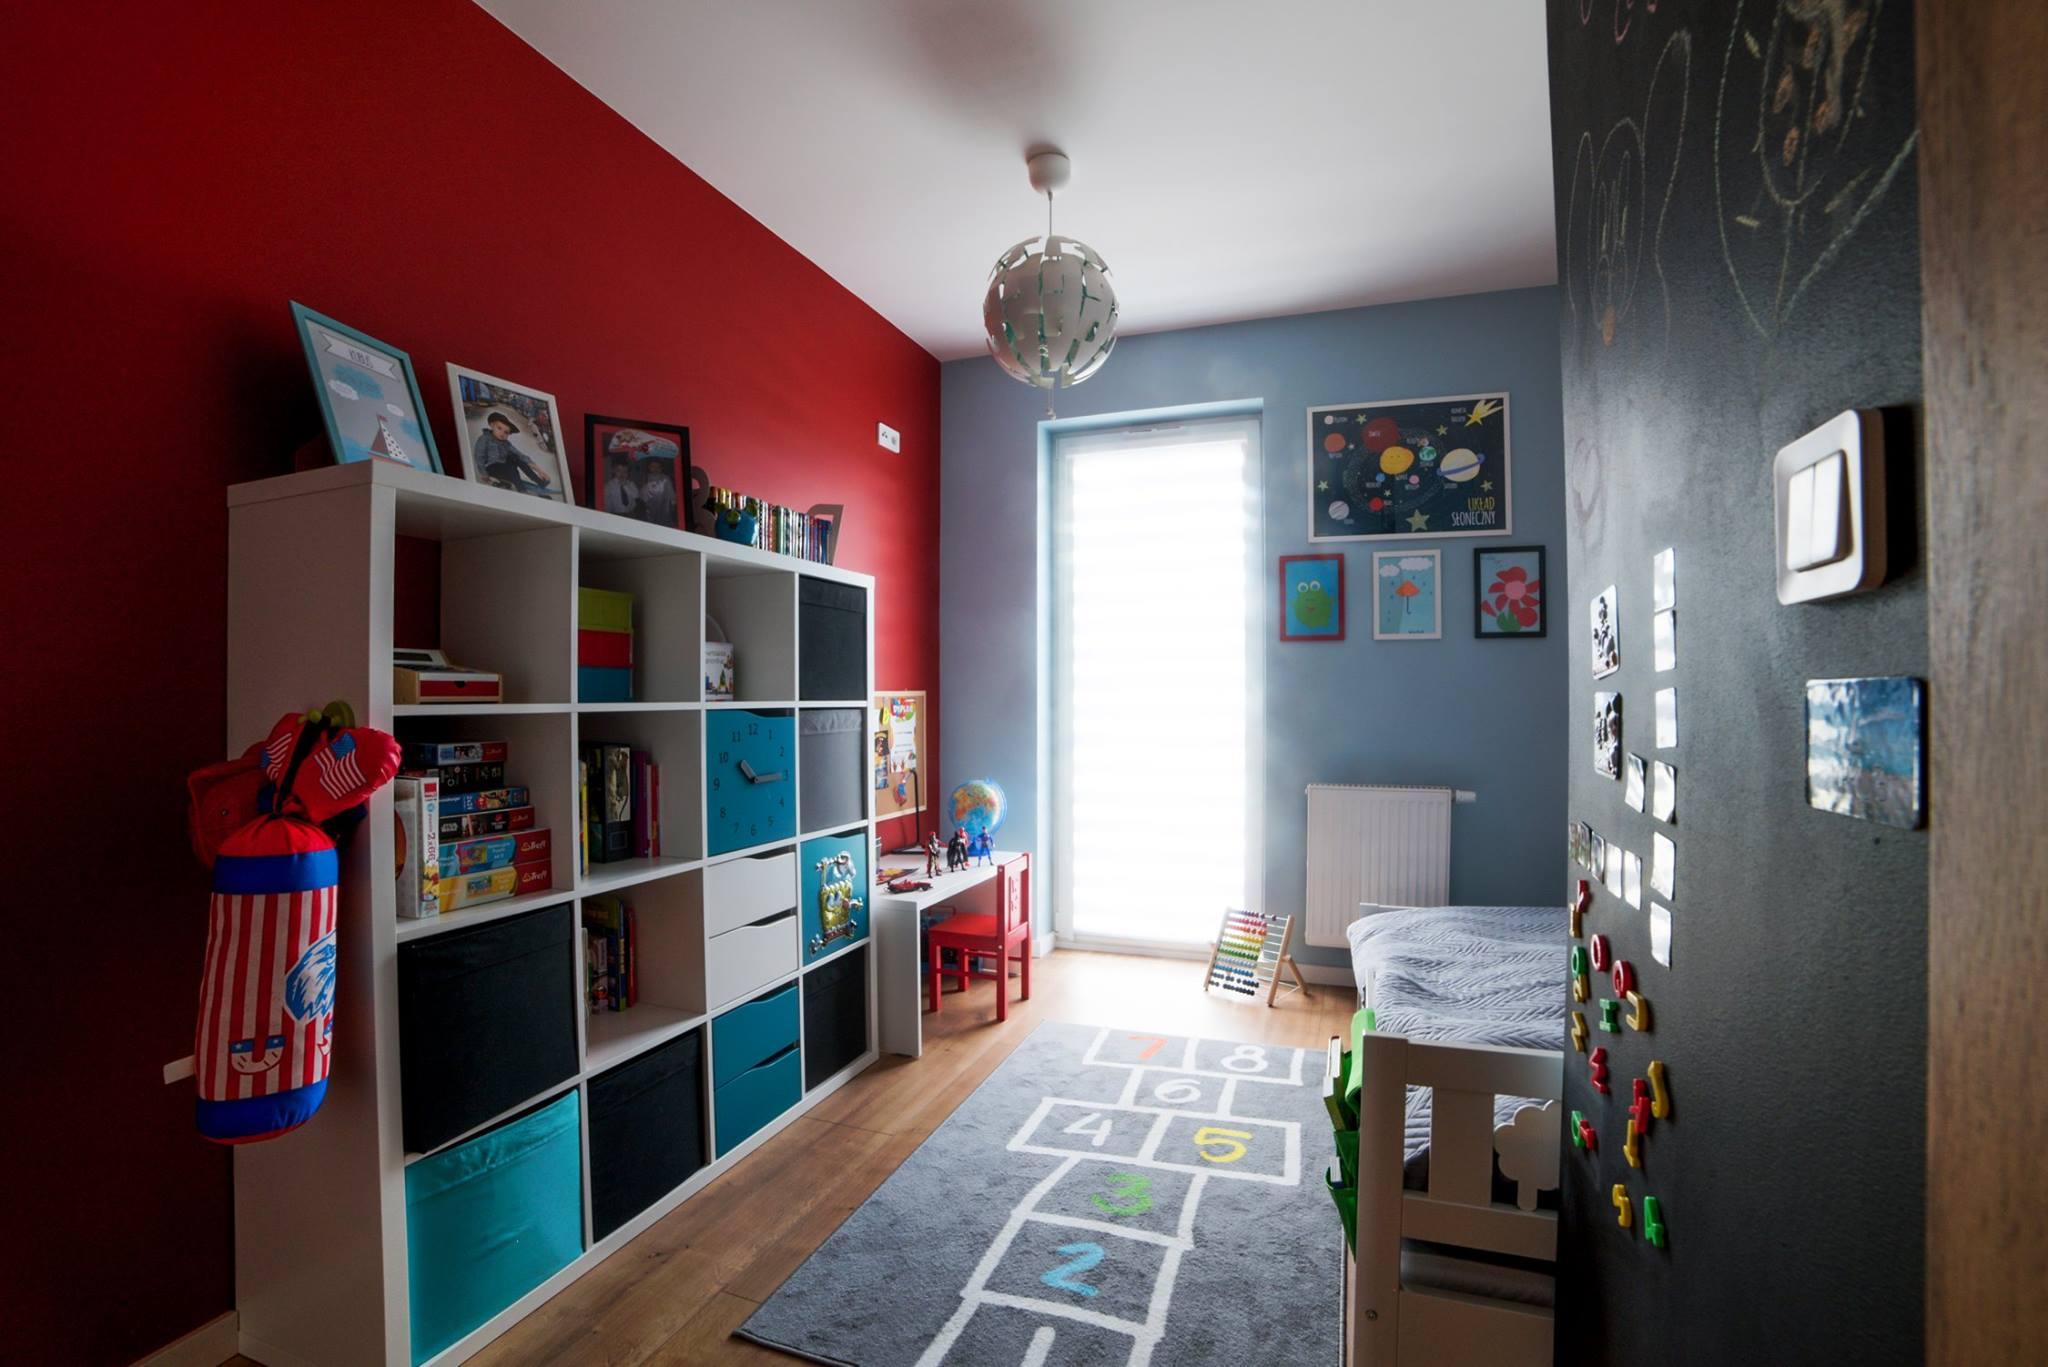 pokój dziecięcy czerwony.jpg